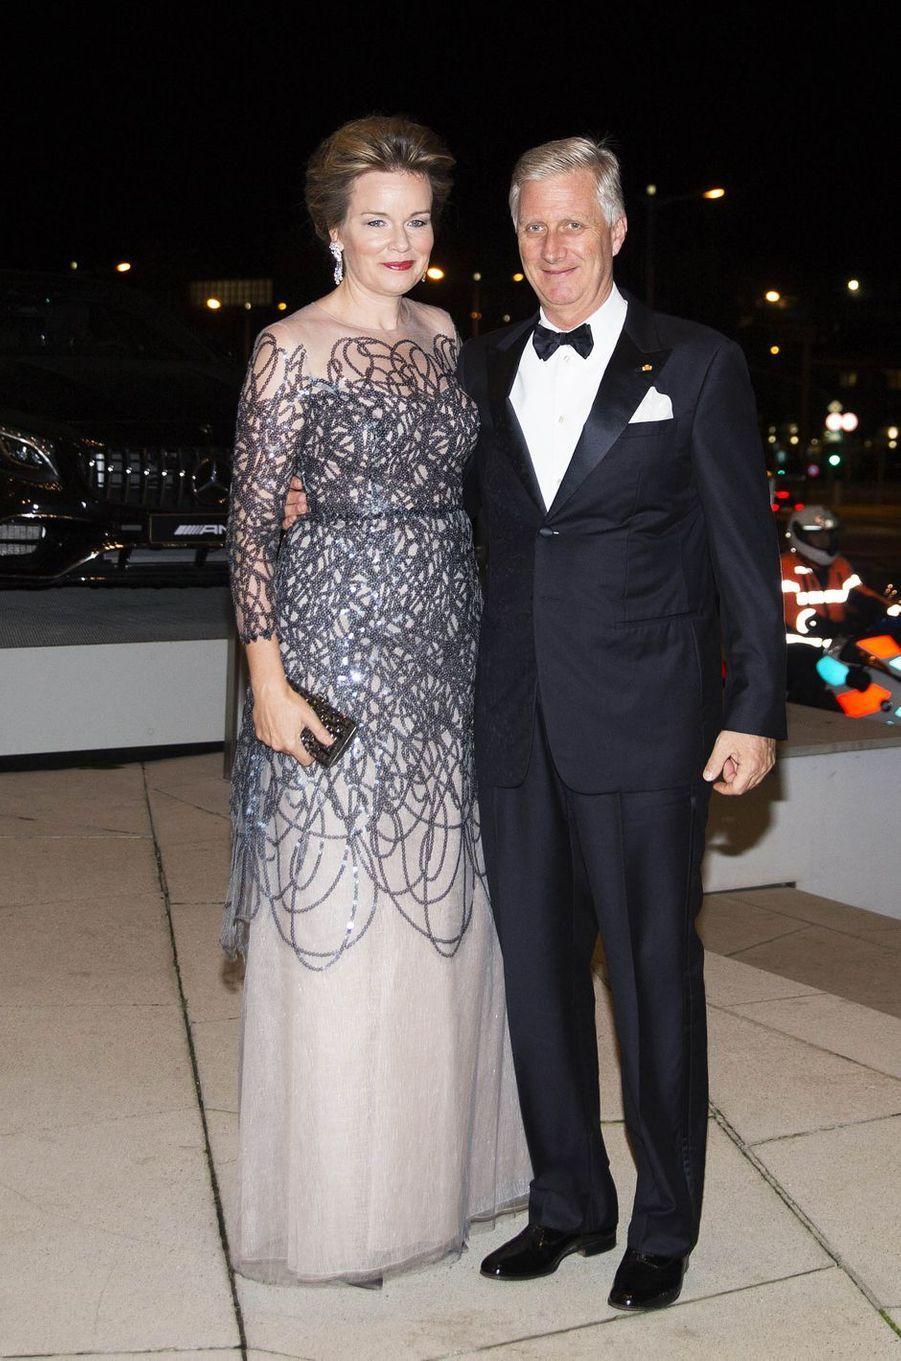 La reine Mathilde et le roi des Belges Philippe à Luxembourg, le 16 octobre 2019